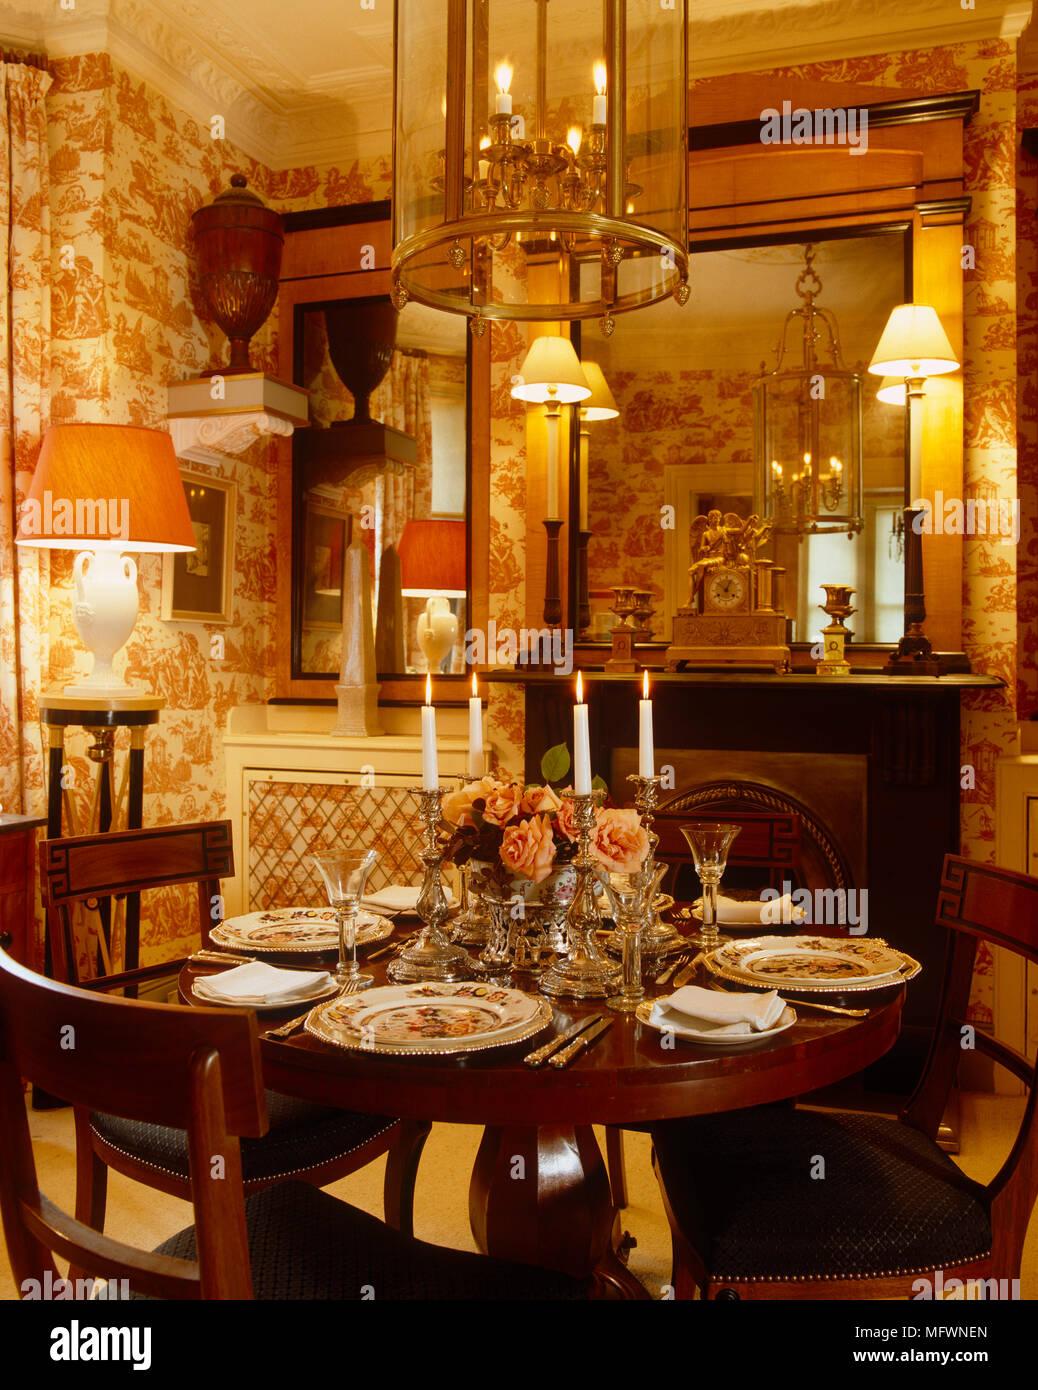 Juego De Mesa Para Cenar En El Comedor De Estilo Tradicional Con